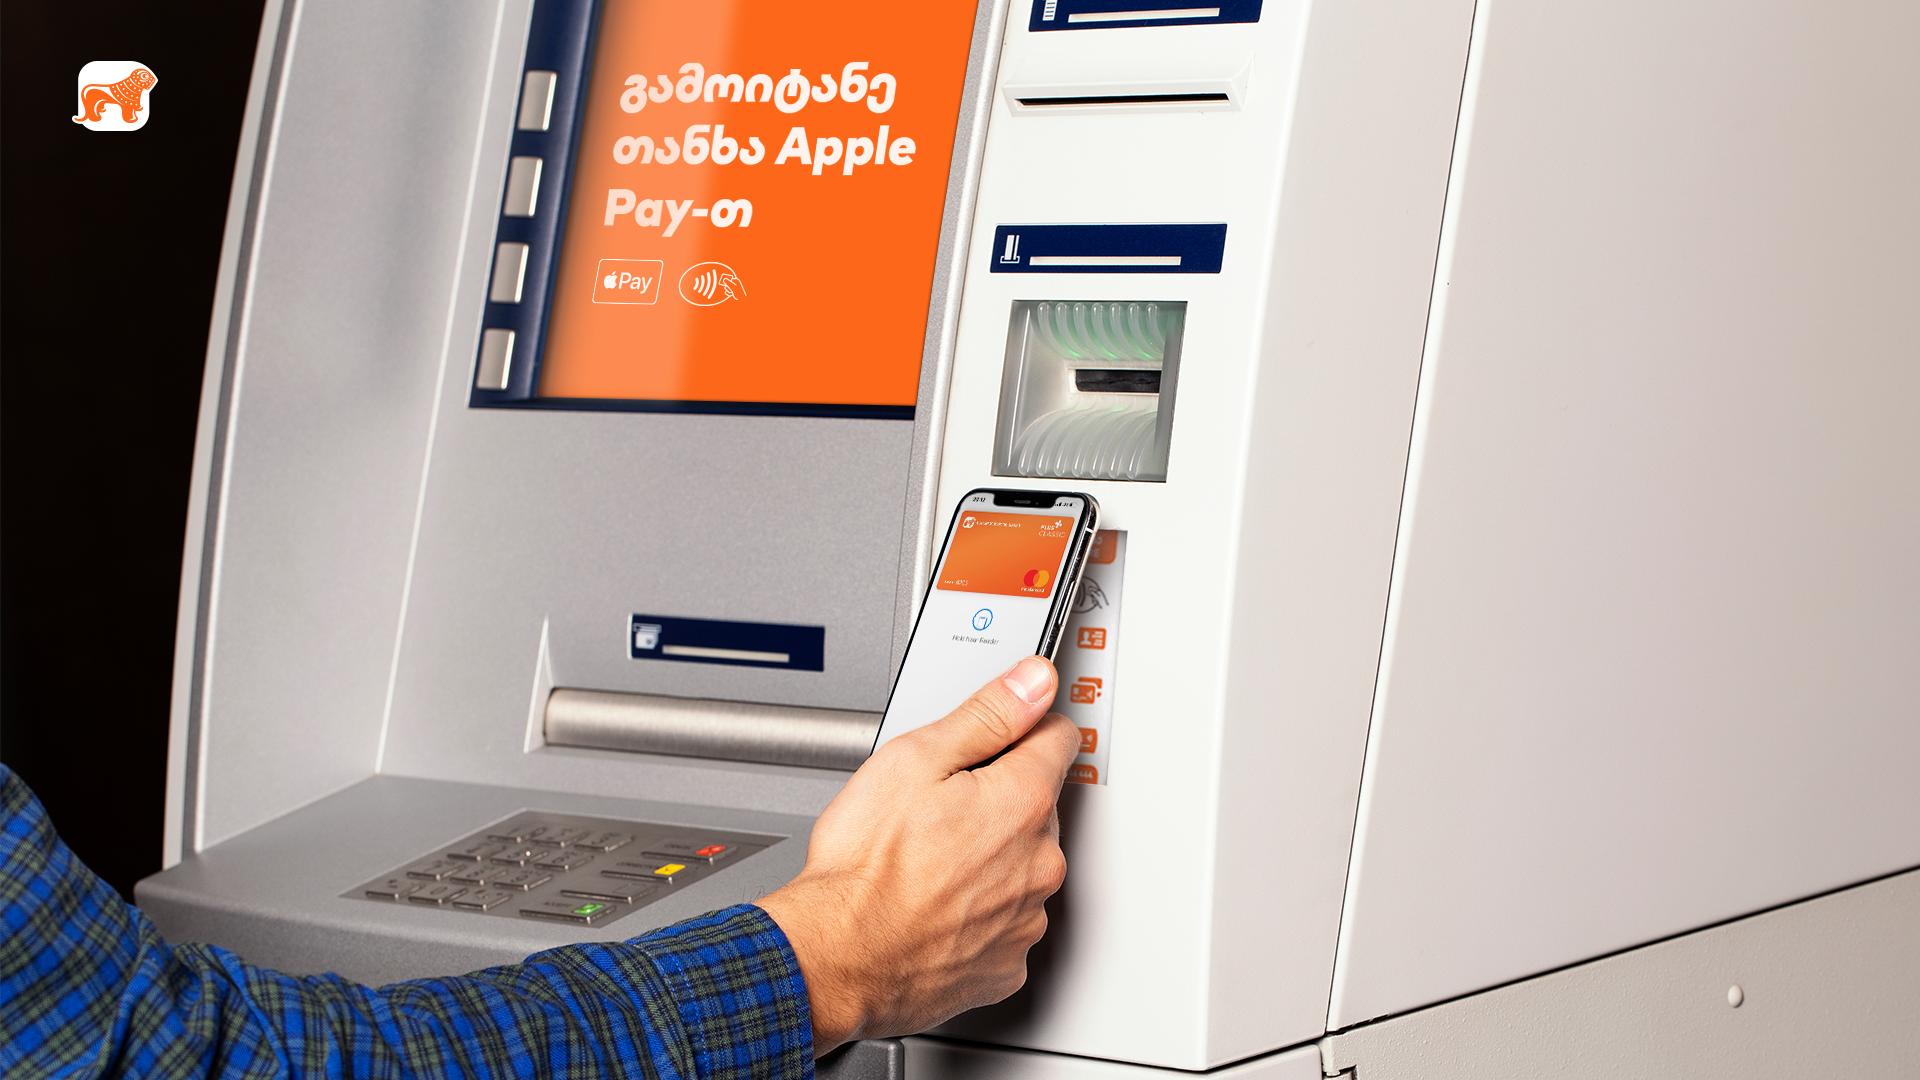 Photo of საქართველოს ბანკი მომხმარებელს კიდევ ერთ ინოვაციურ სიახლეს – Apple Wallet-ით თანხის გამოტანას სთავაზობს